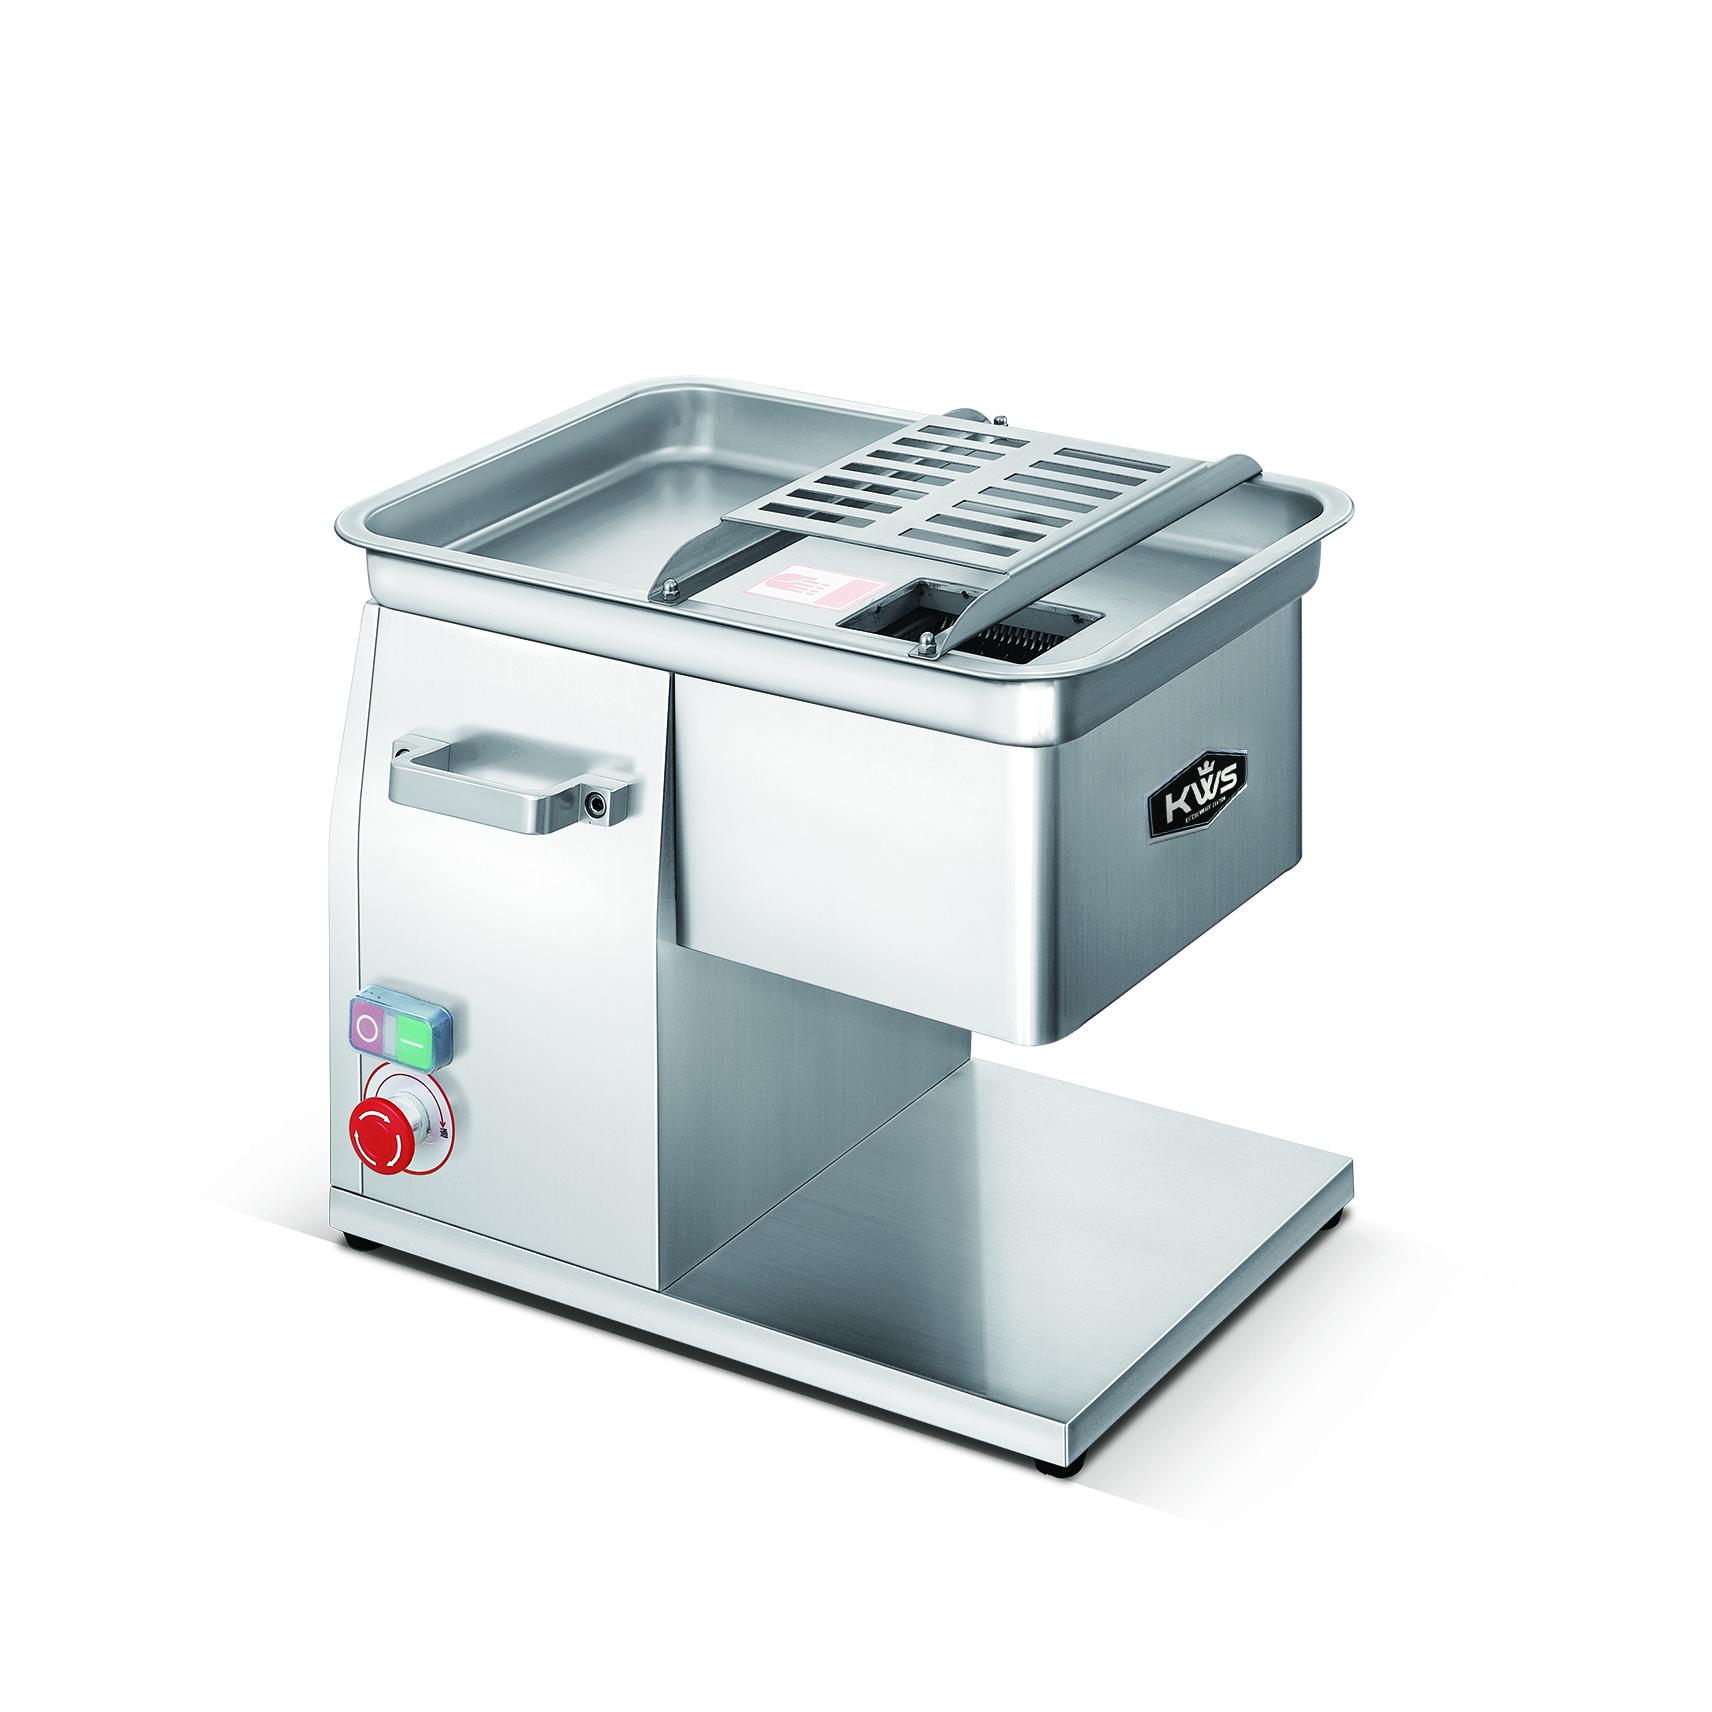 KWS fresh meat cutter slicer